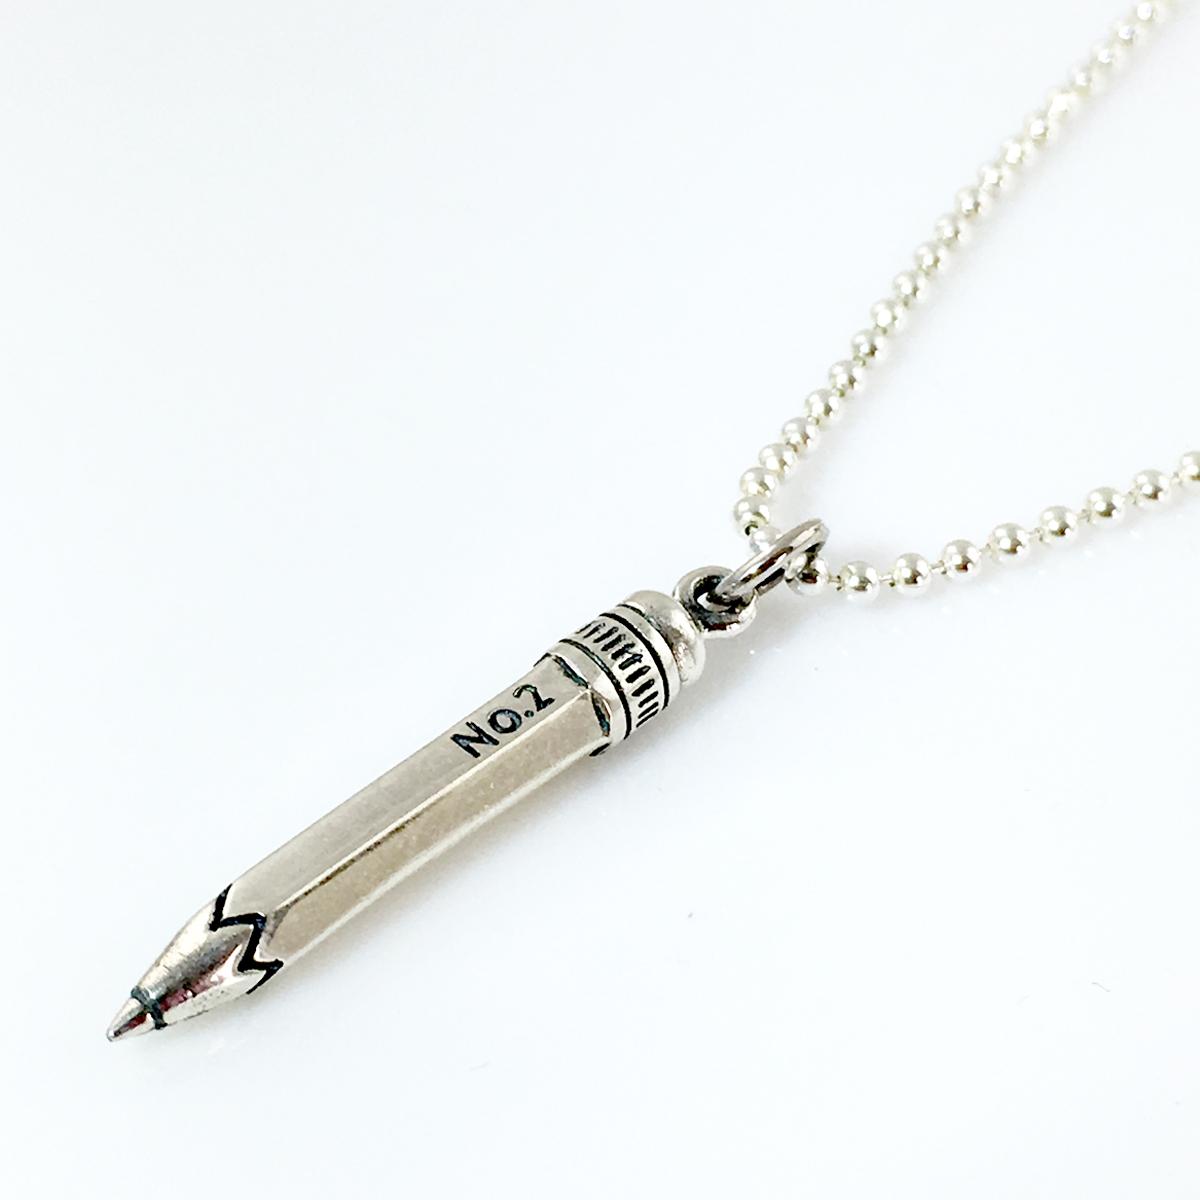 Pencil Simple Charm Necklace